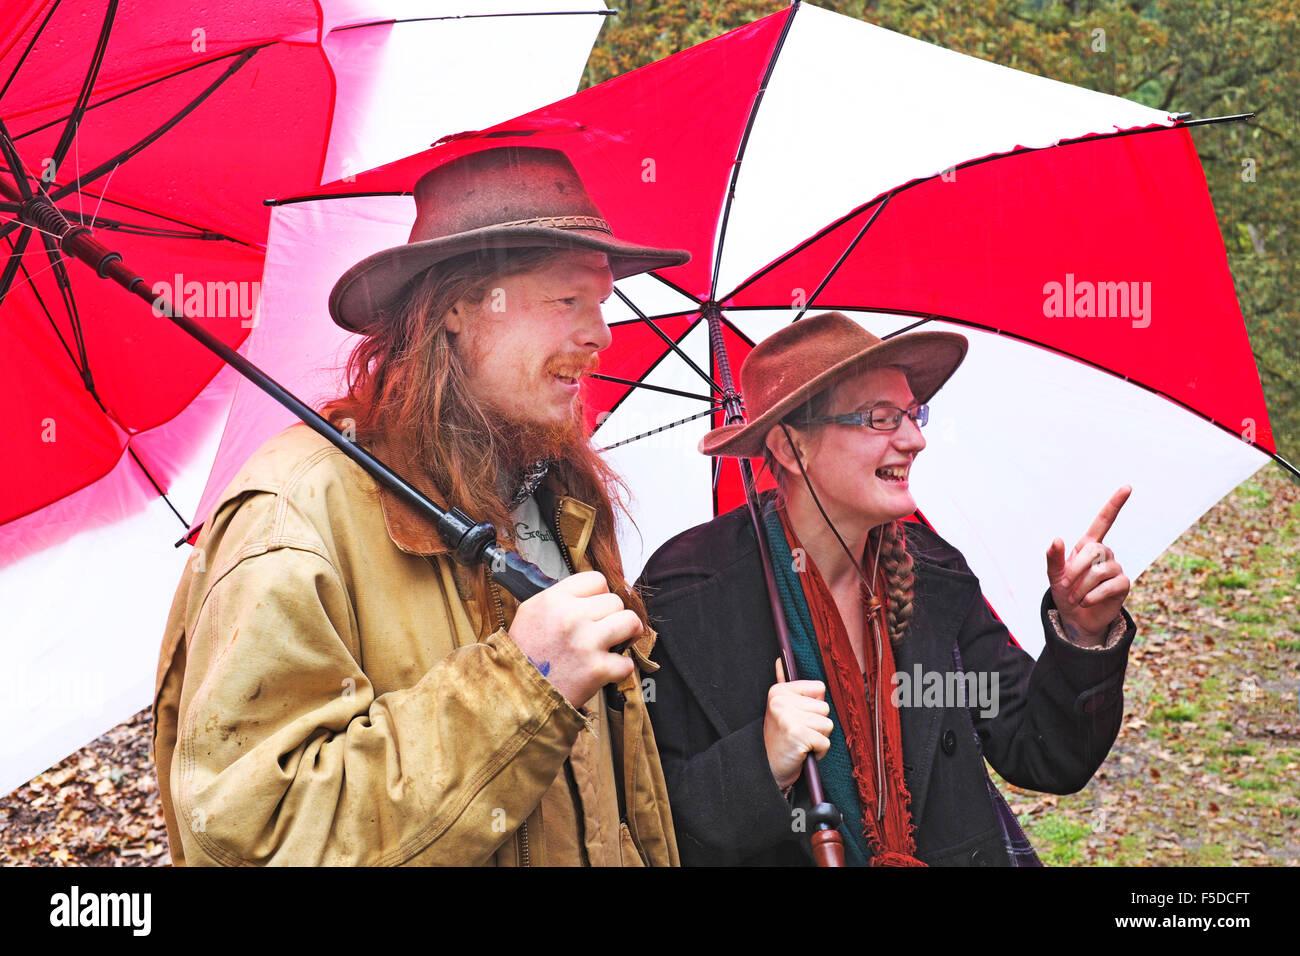 Zwei Personen halten rote Sonnenschirme in einem Regen Sturm in Eugene, Oregon Stockbild